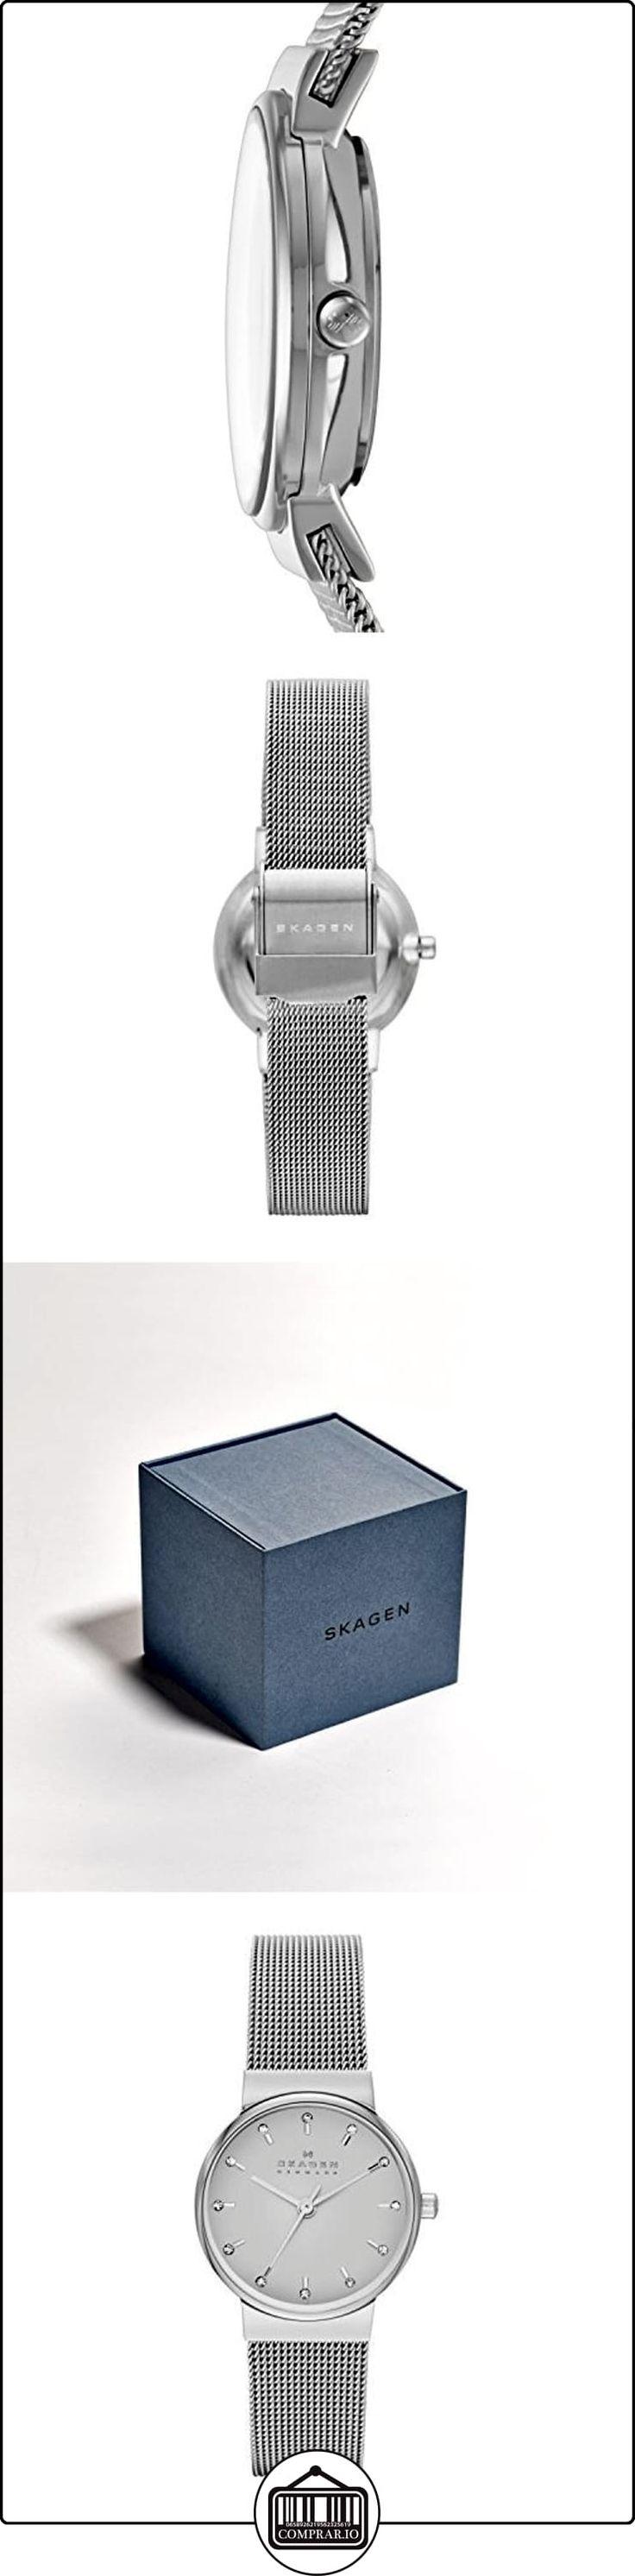 Anillo de acero inoxidable-reloj analógico de cuarzo de acero inoxidable SKW2195  ✿ Relojes para mujer - (Gama media/alta) ✿